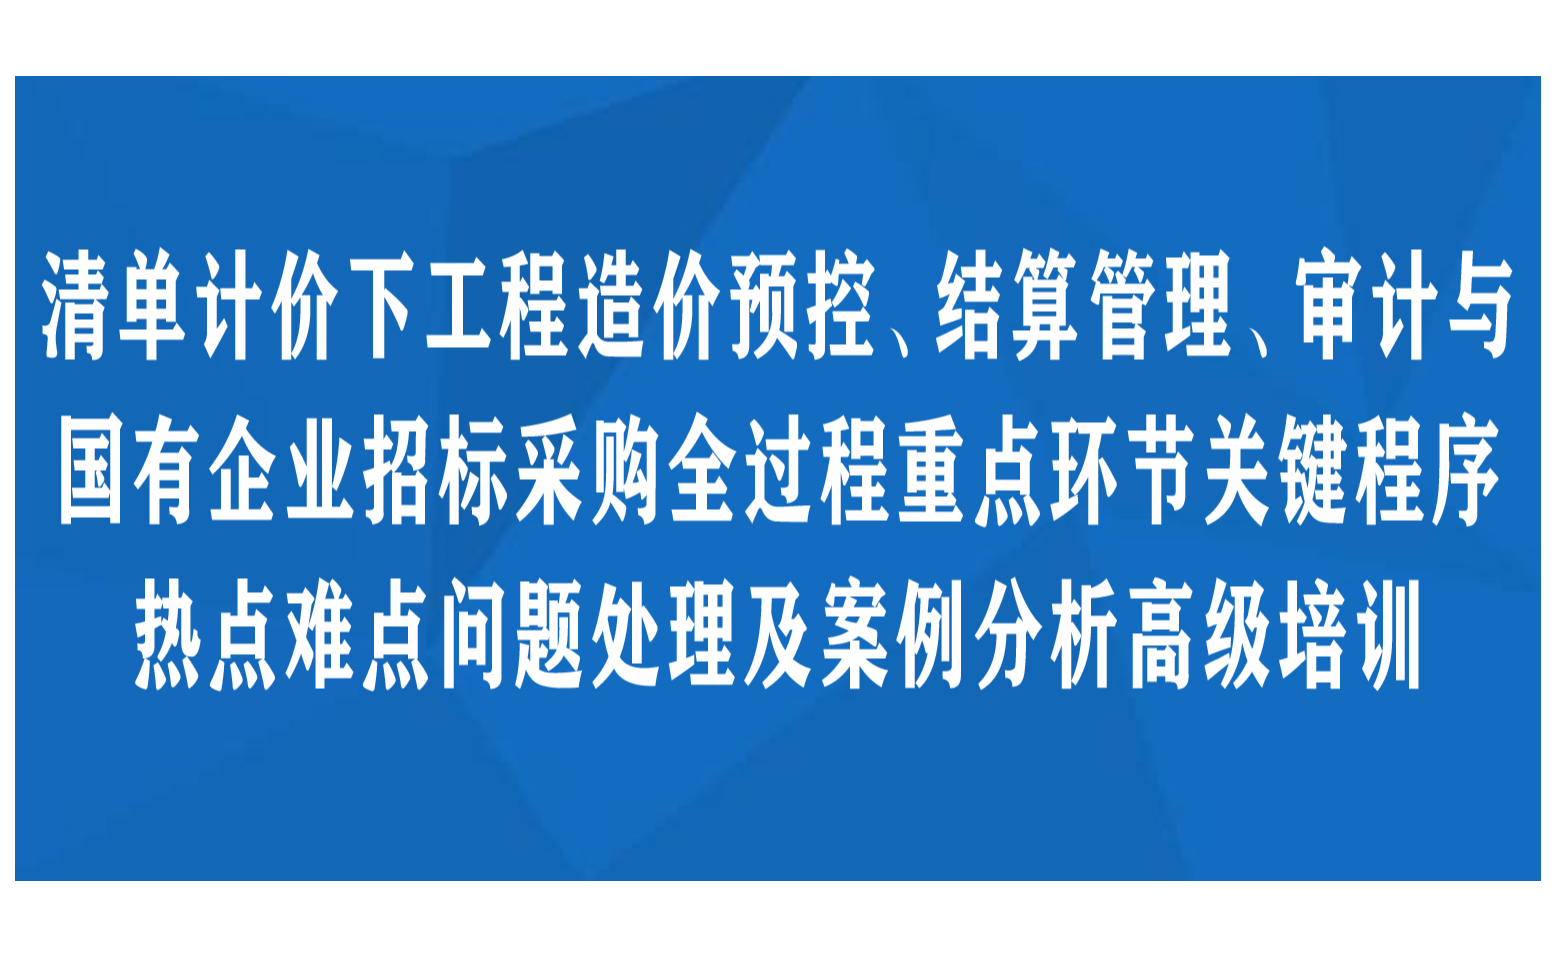 清单计价下工程造价预控、结算管理、审计与国有企业招标采购全过程重点环节关键程序 热点难点问题处理及案例分析高级培训杭州11月